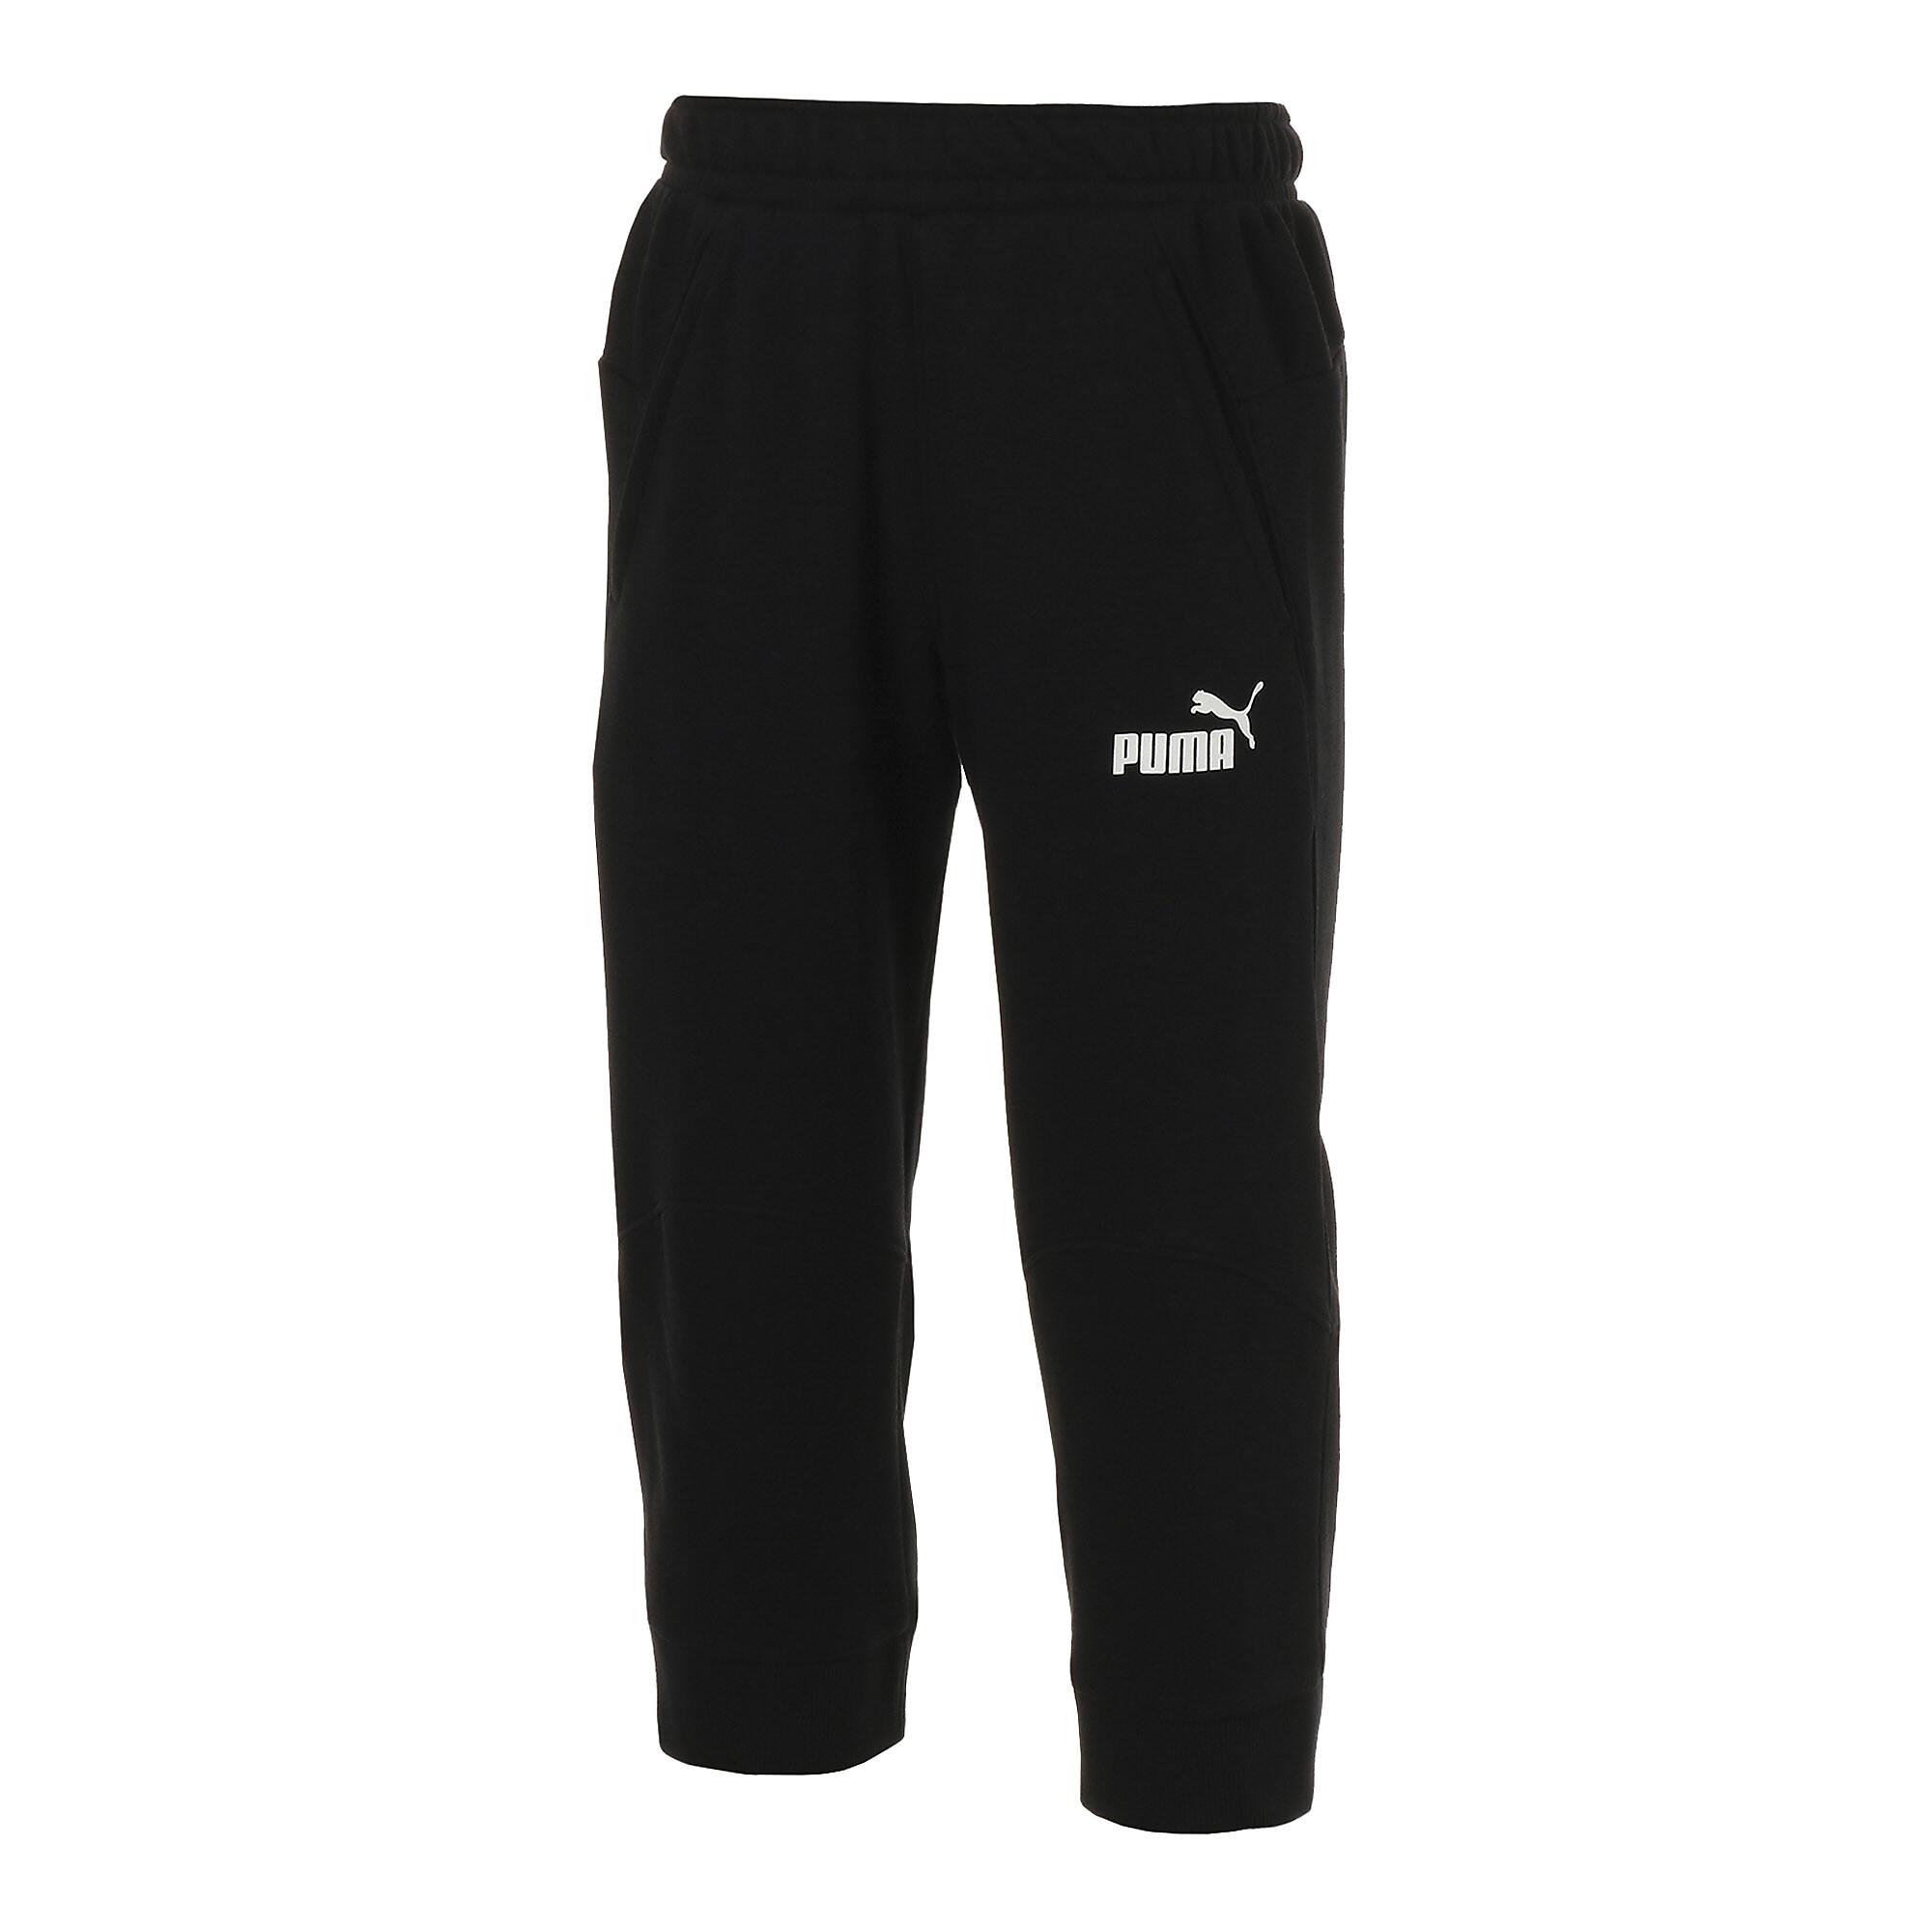 【プーマ公式通販】 プーマ ESS+ 3/4 スウェットパンツ メンズ Cotton Black |PUMA.com